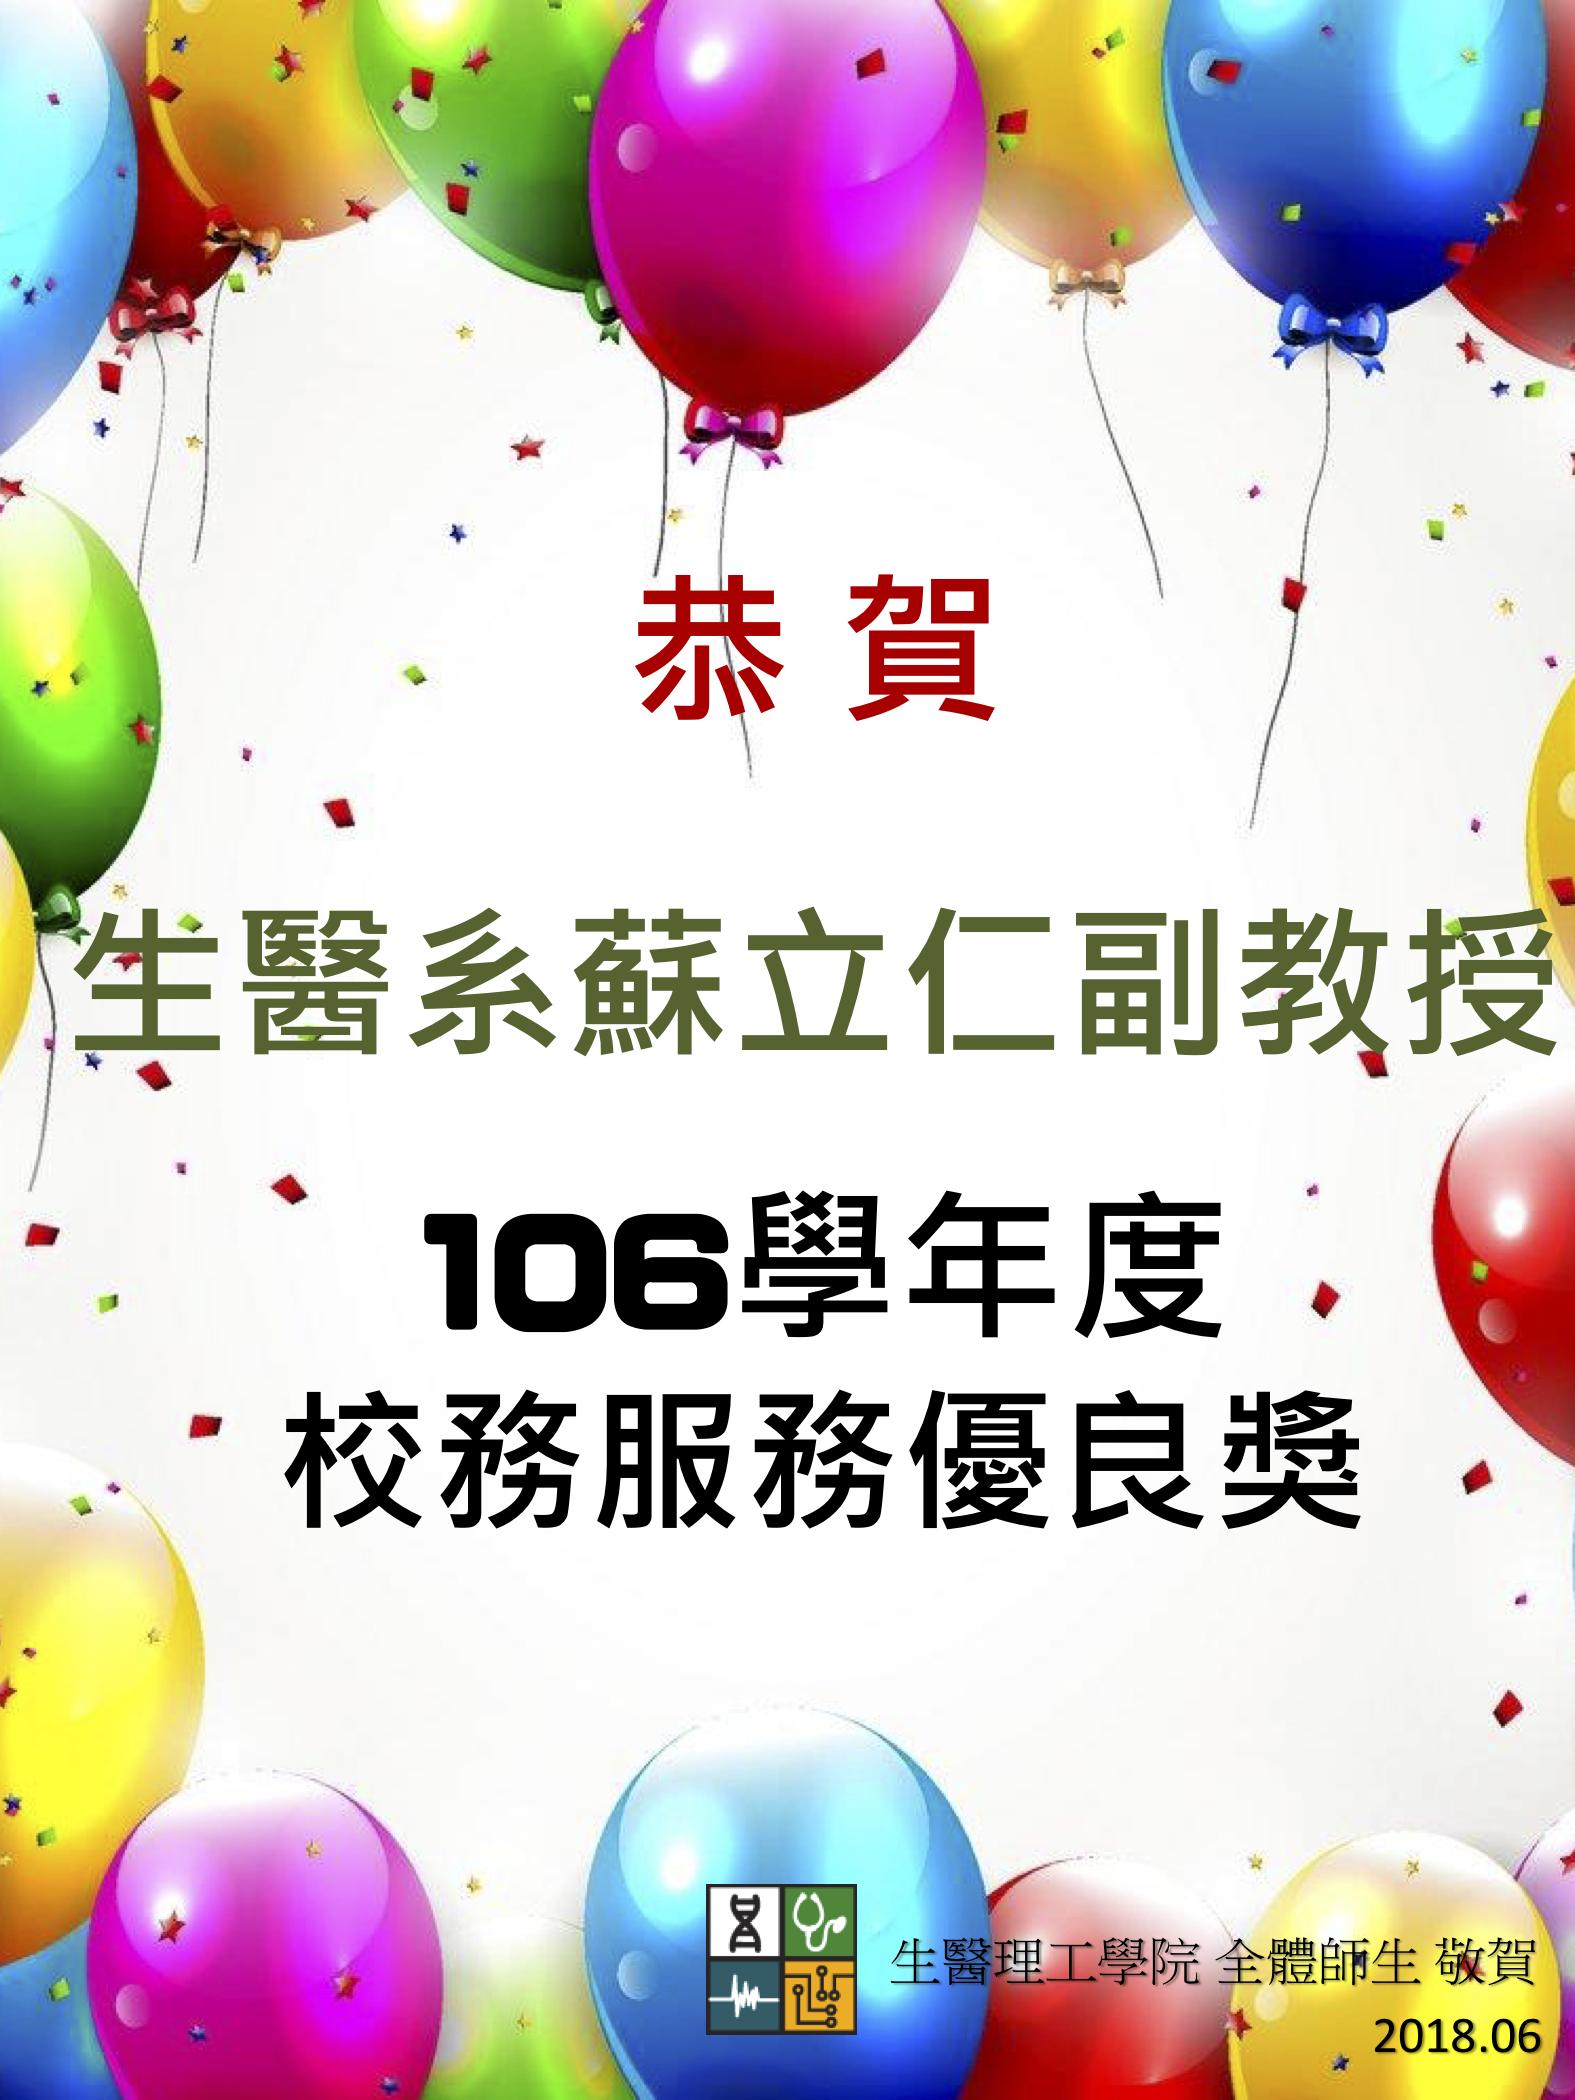 【恭賀】生醫系蘇立仁副教授榮獲106學年度校務服務優良獎